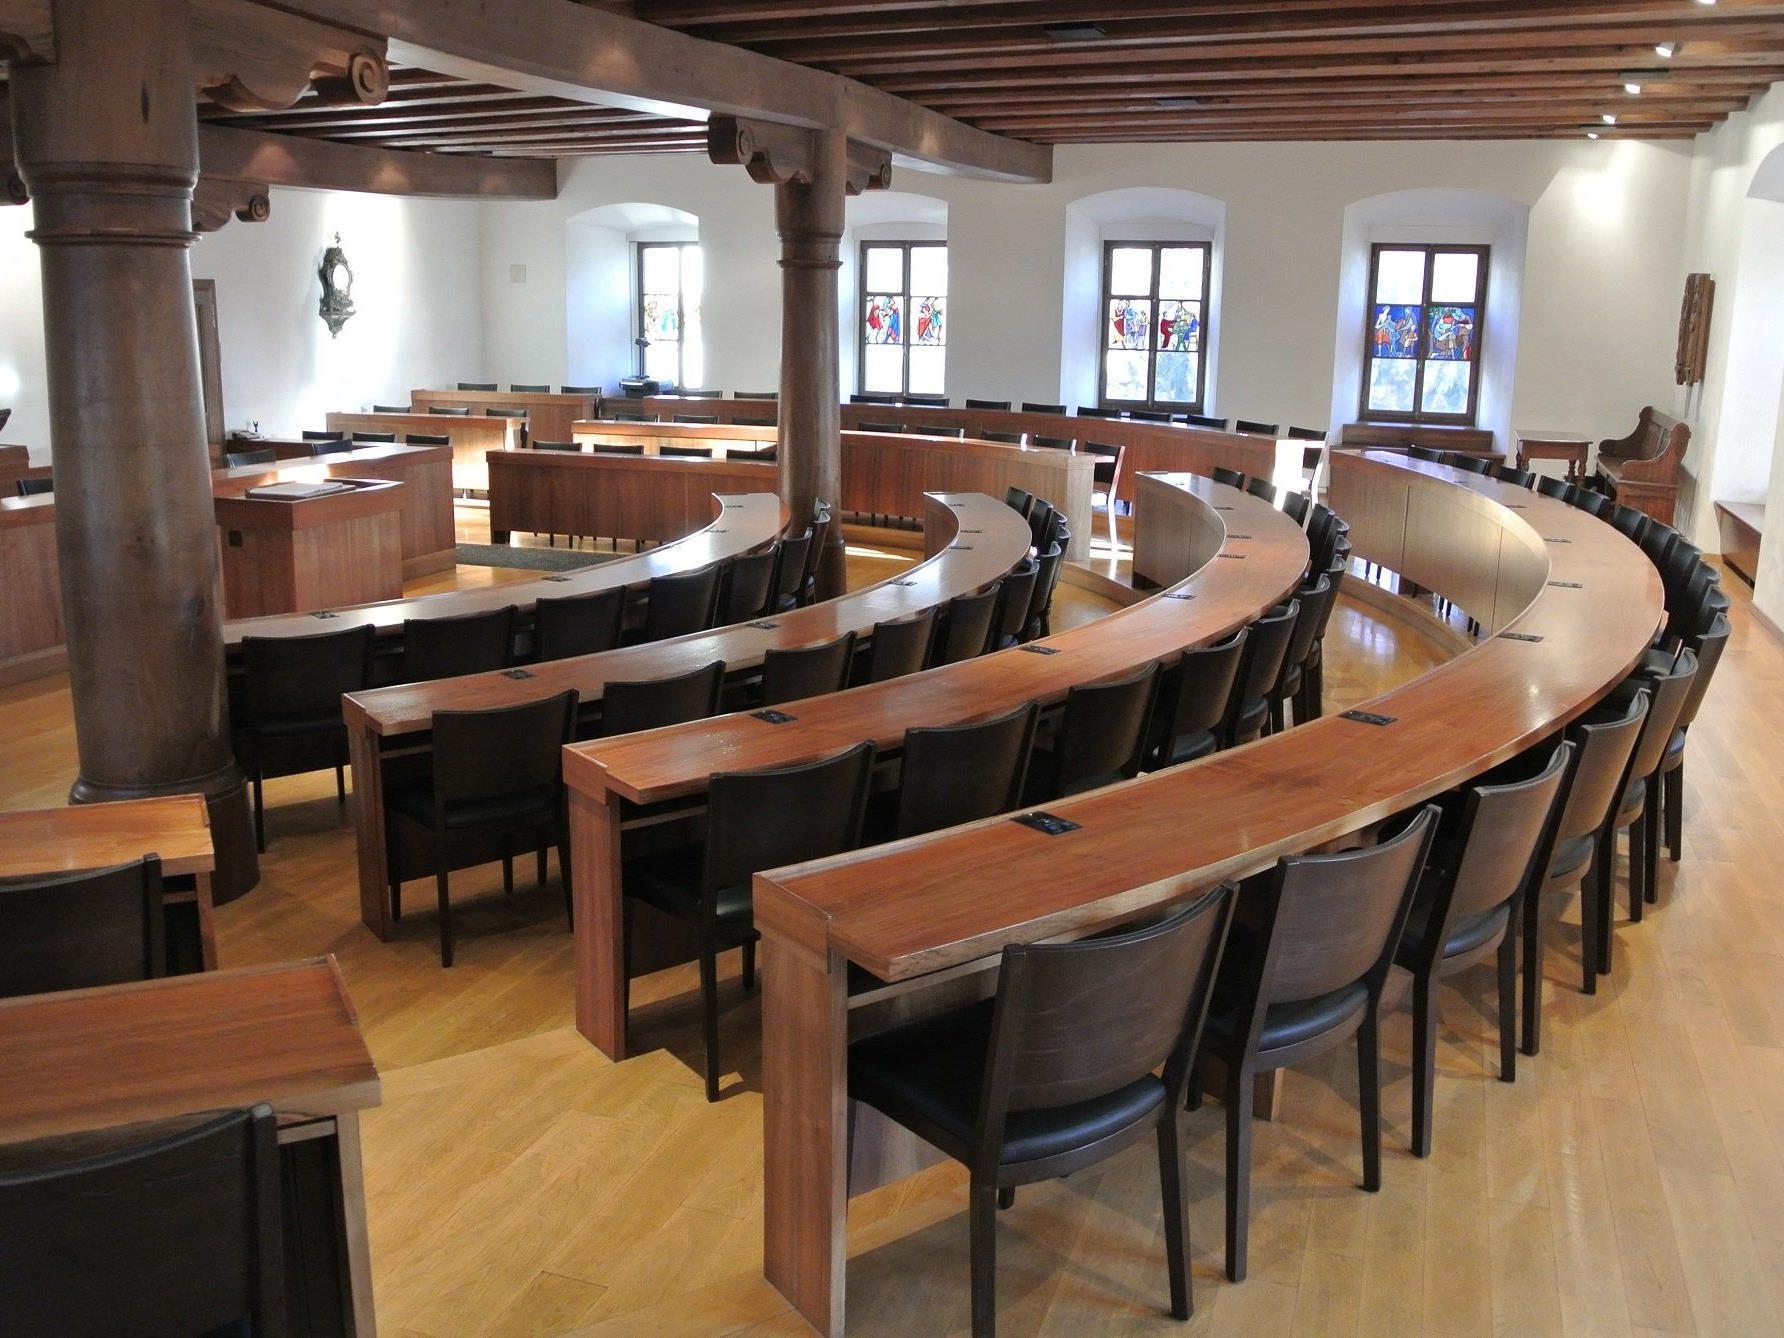 125 mal LH59: Das aus massiver Buche gefertigte Stuhlmodell überzeugte die Jury durch hohen Sitzkomfort und modernes, zeitloses Design.